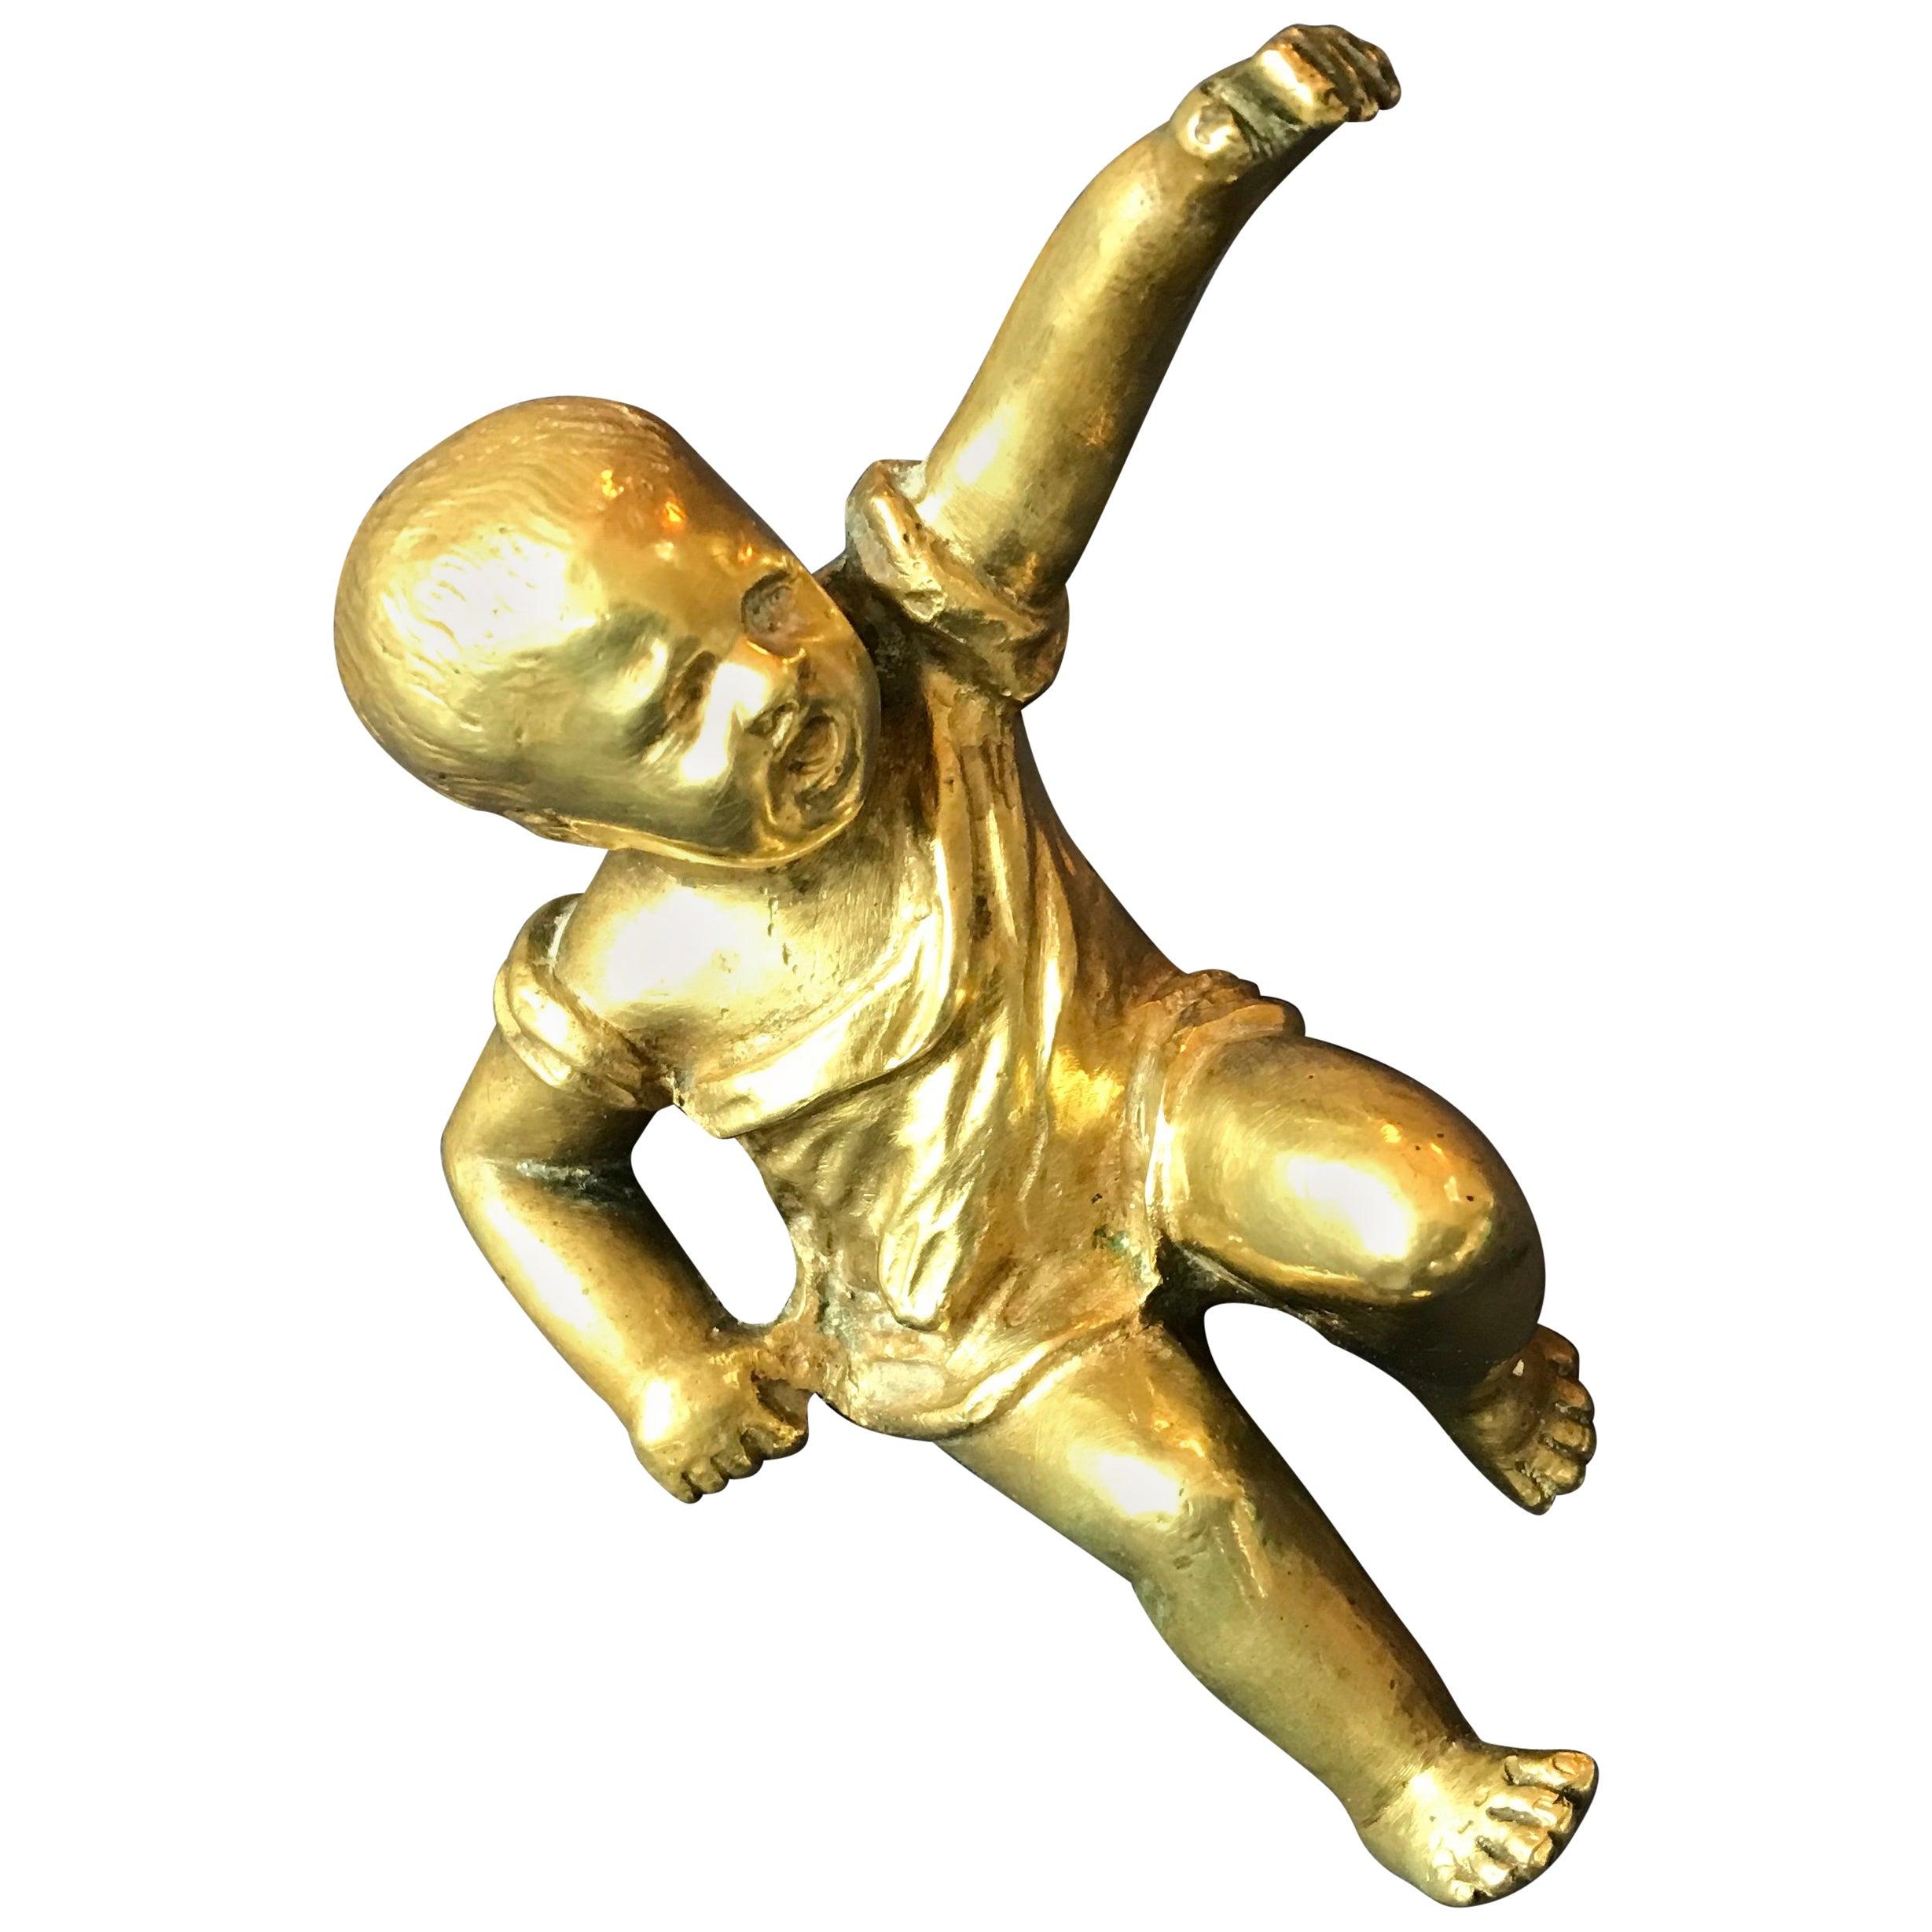 Gilt Bronze Baby Sculpture Paperweight, France, 1950